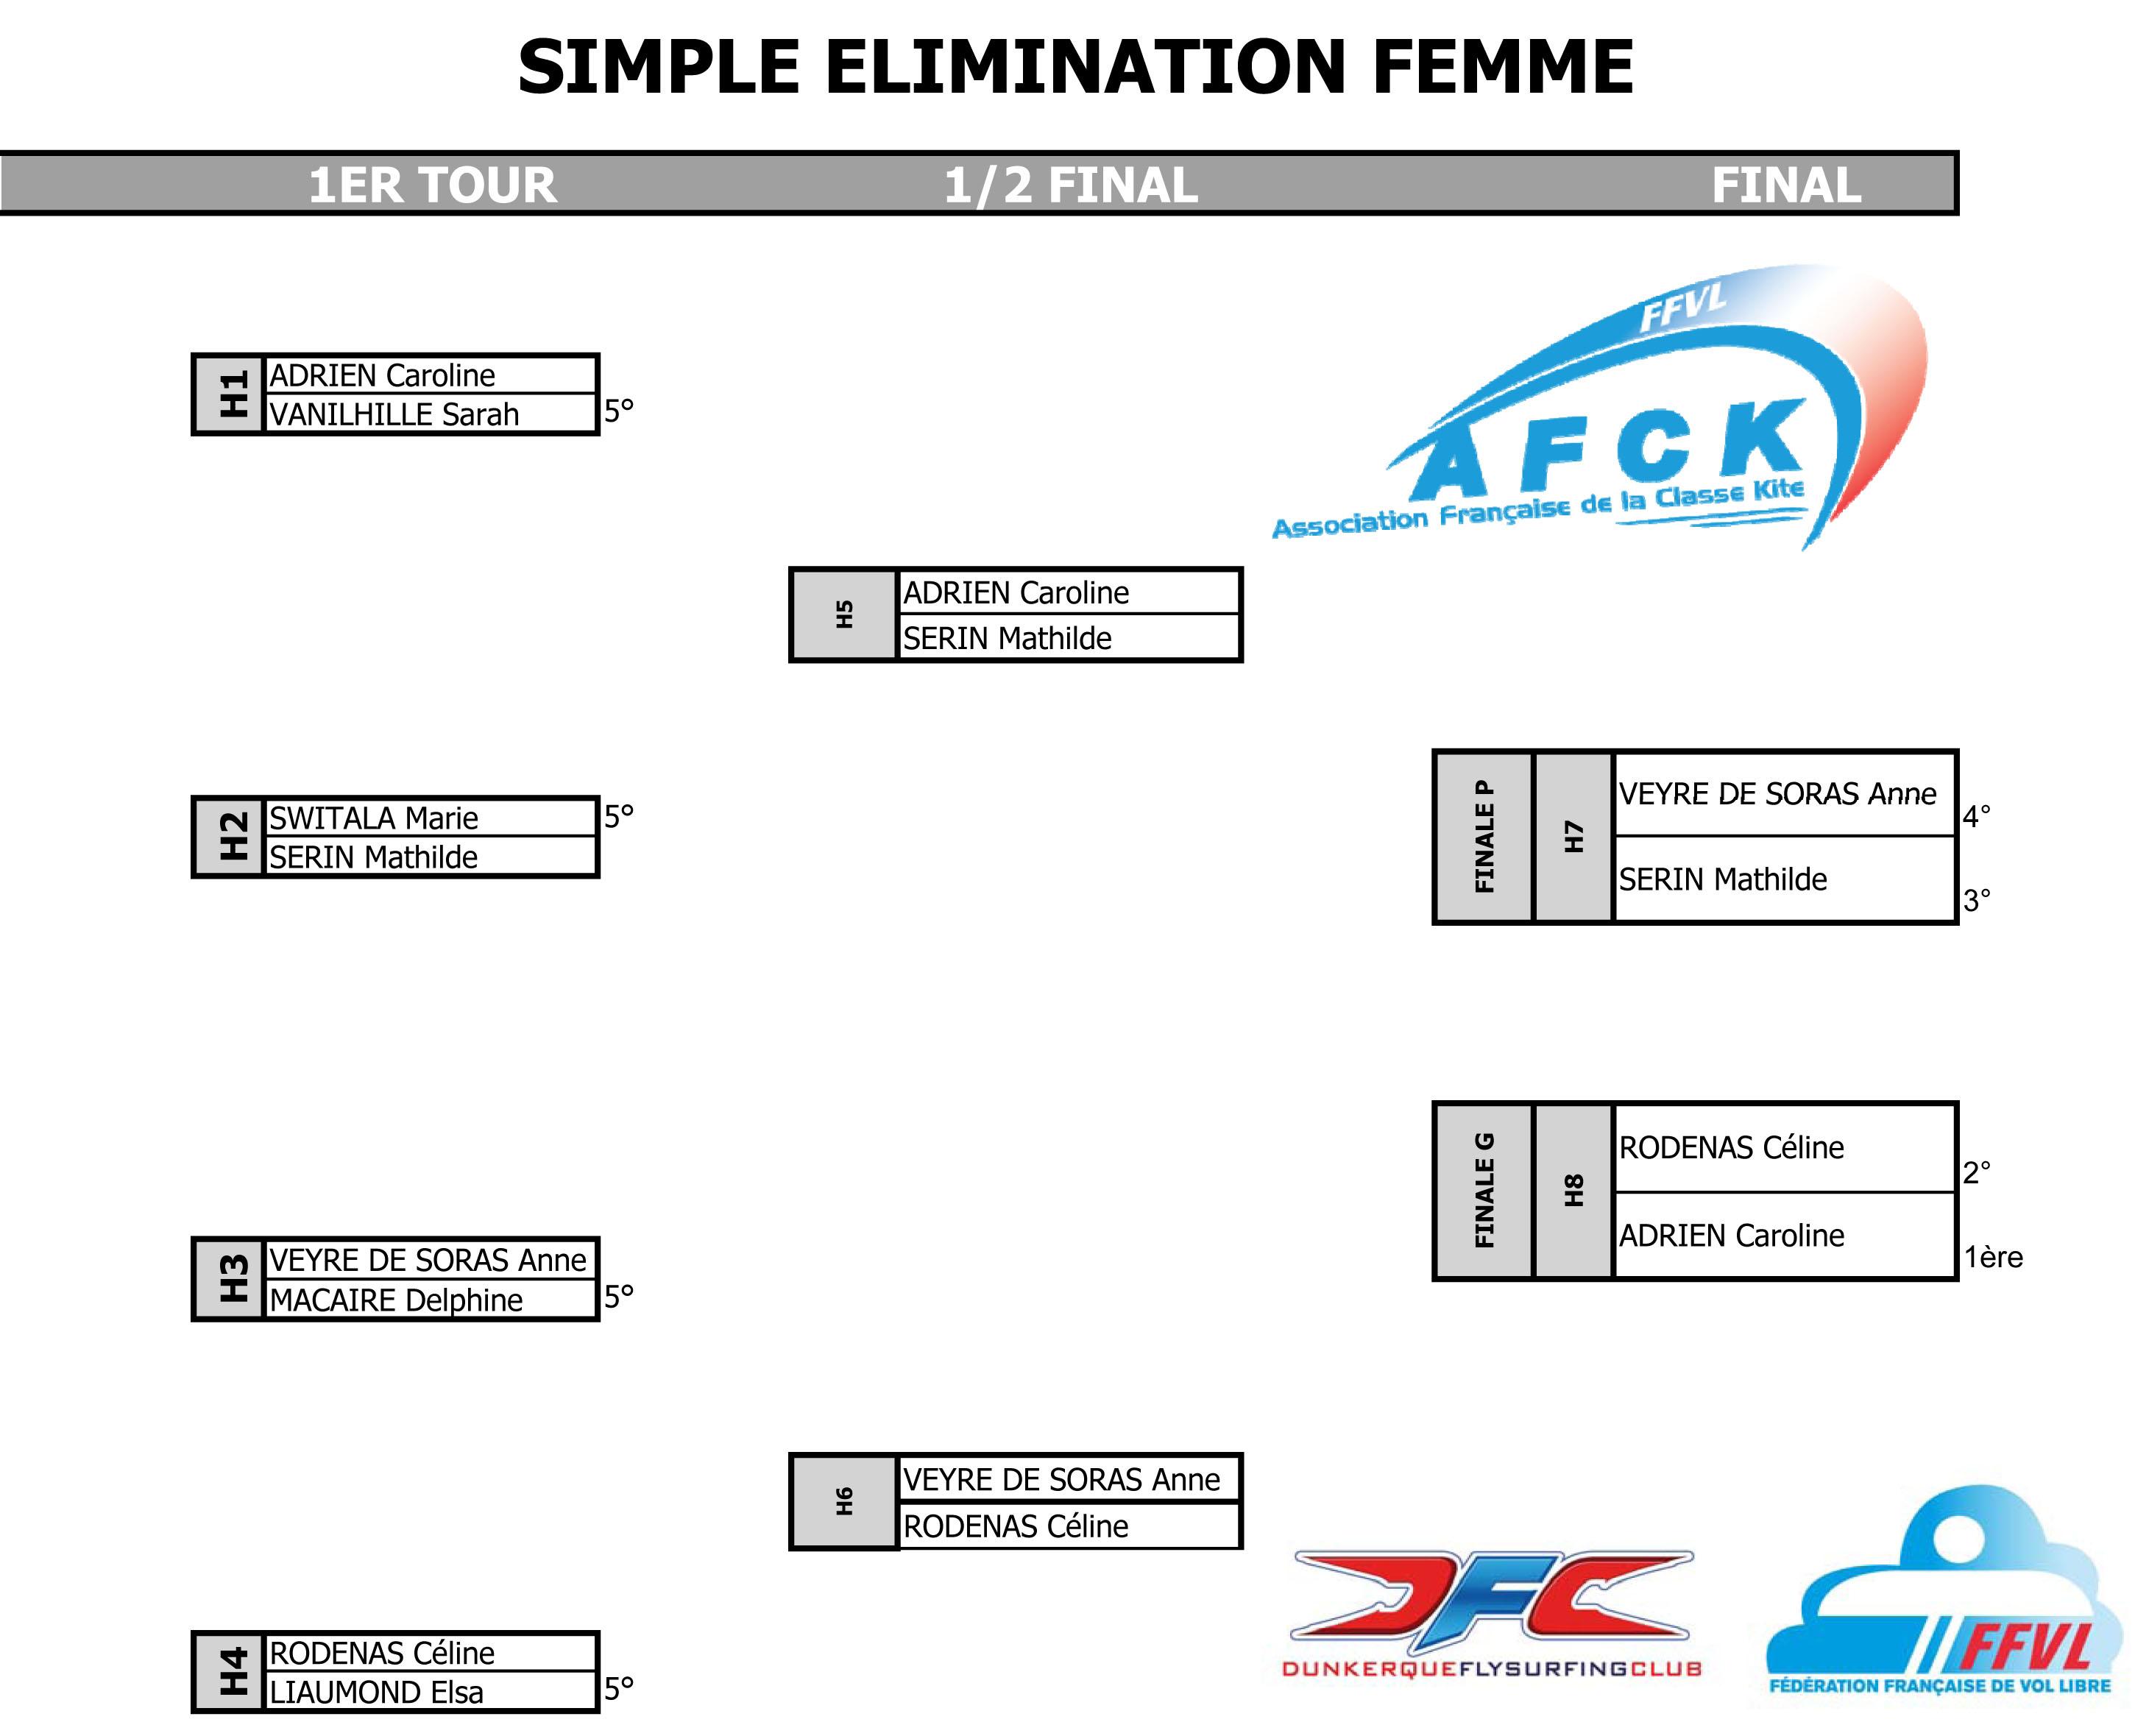 Championnat de France : classement provisoire femmes